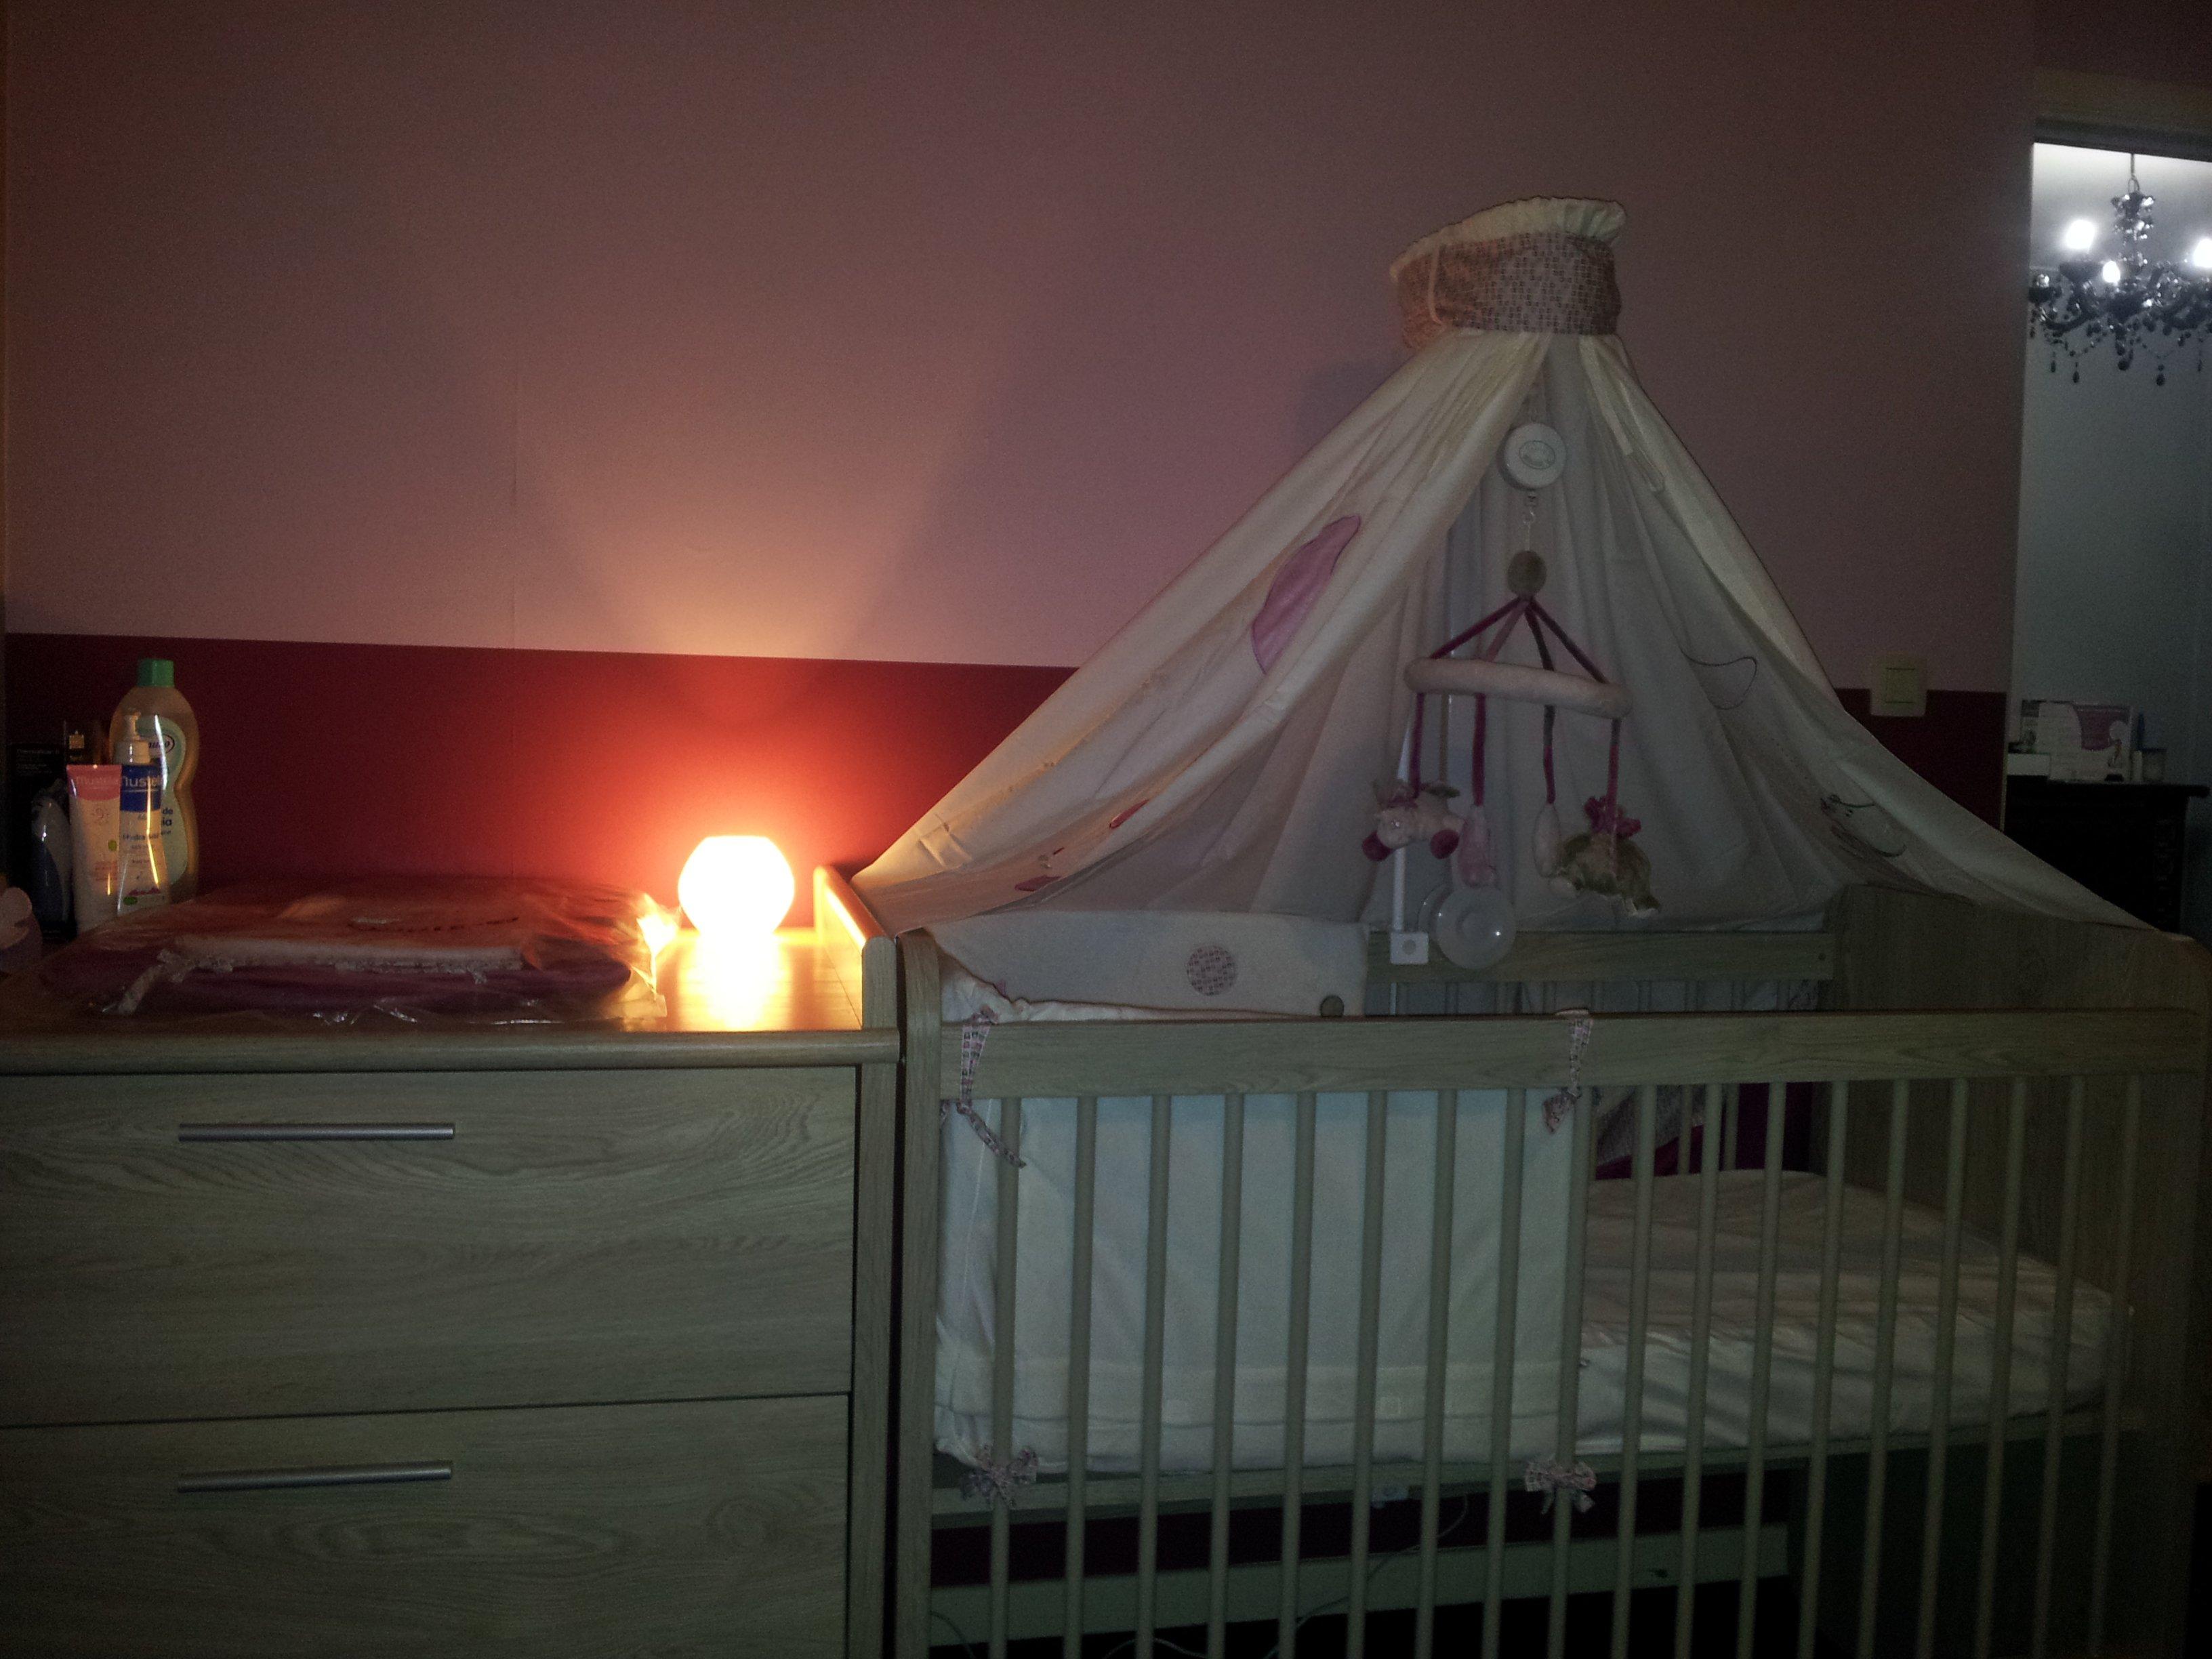 chambre des parents amazing chambre parent sur idee deco interieur chambre parents archives. Black Bedroom Furniture Sets. Home Design Ideas